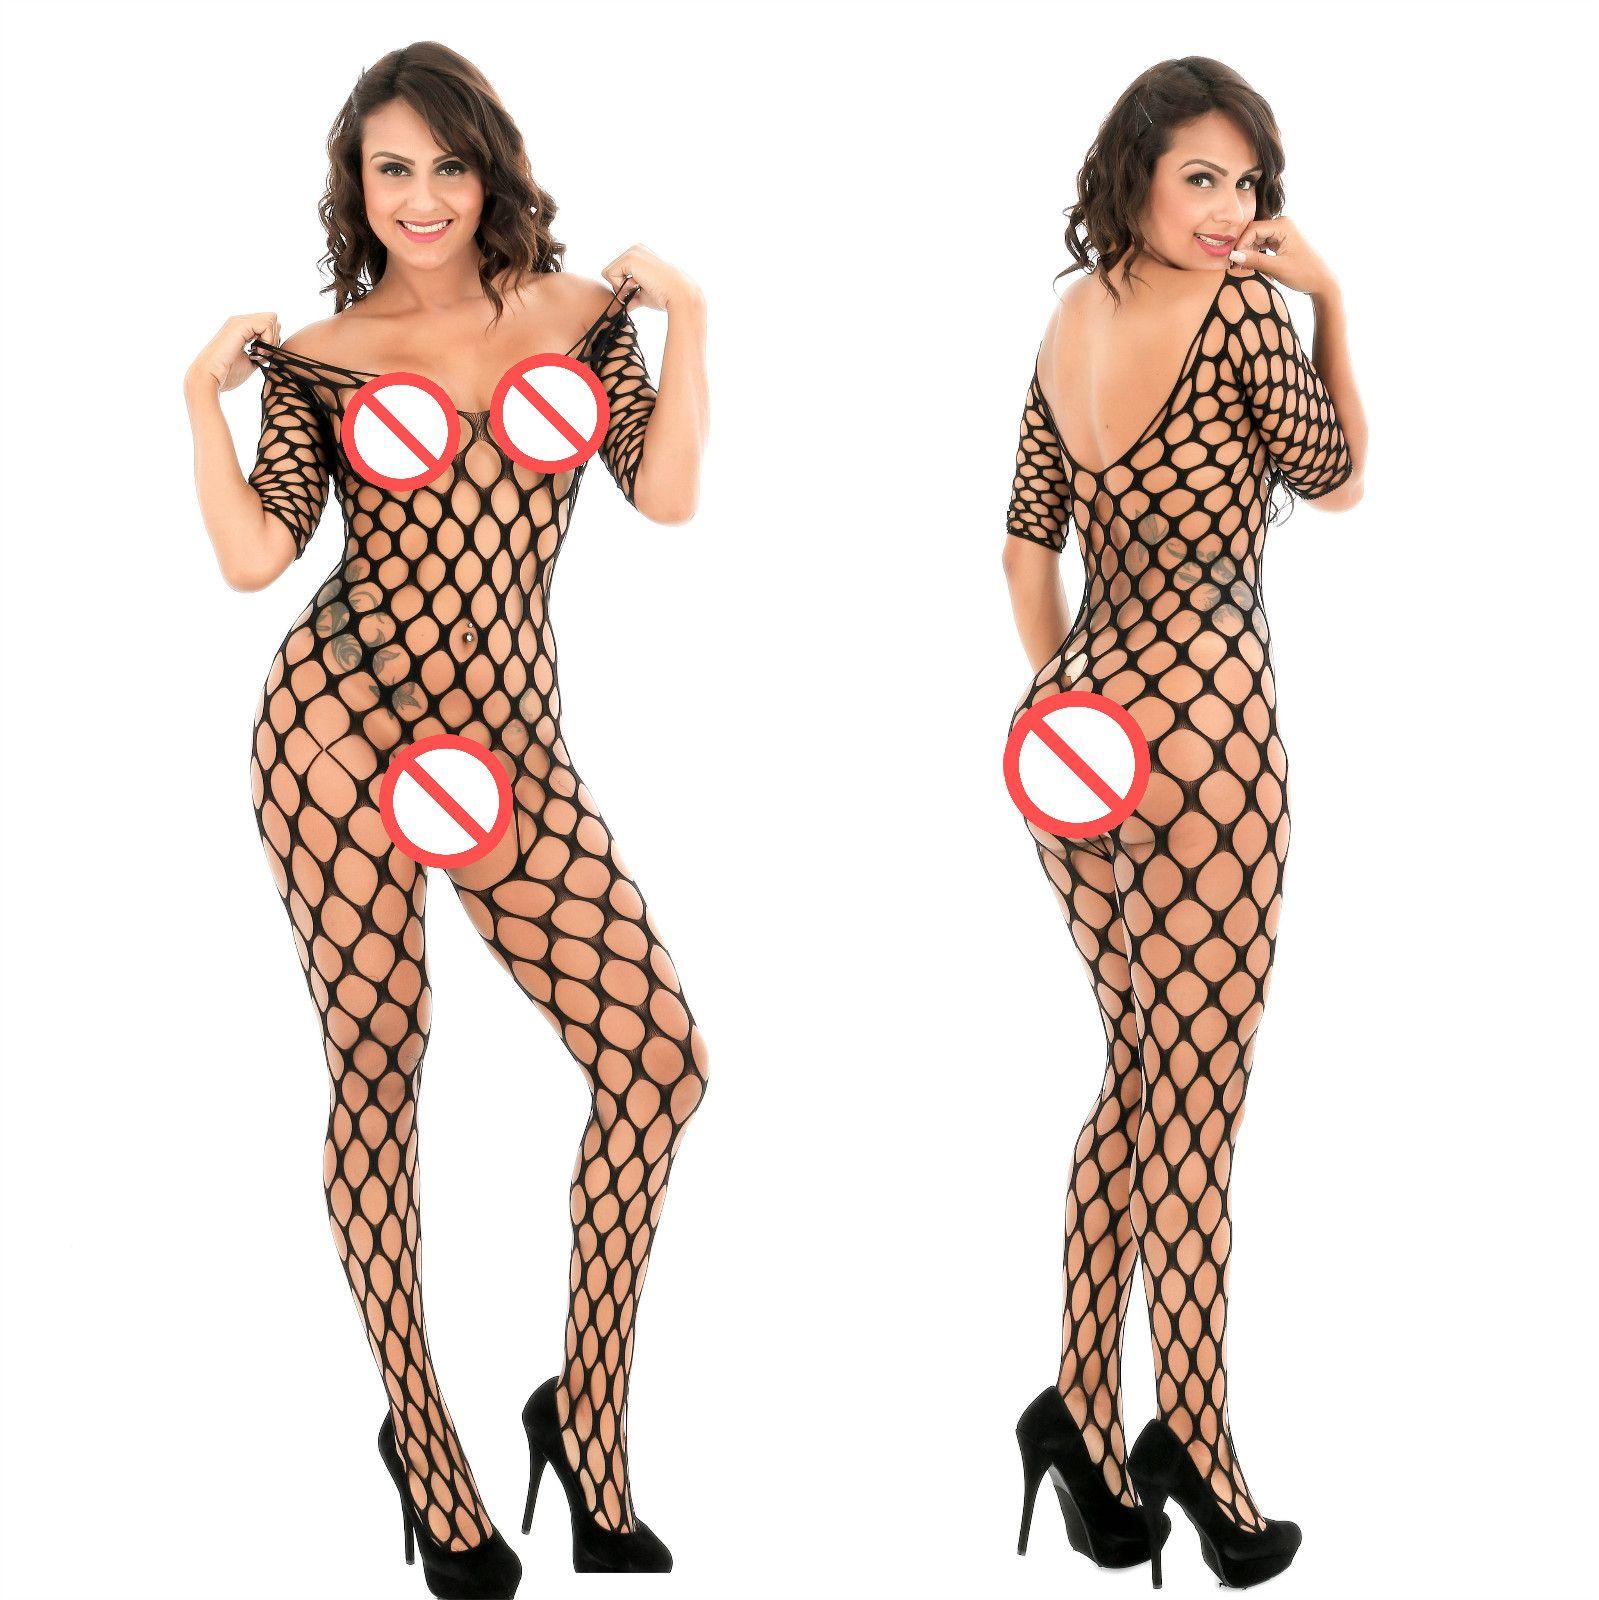 Женская Эротический сексуальные костюмы женщины Секс Белье Open промежность Body Stocking Lingere Sexy ажурного Bodystocking Sexy Прозрачная женщина